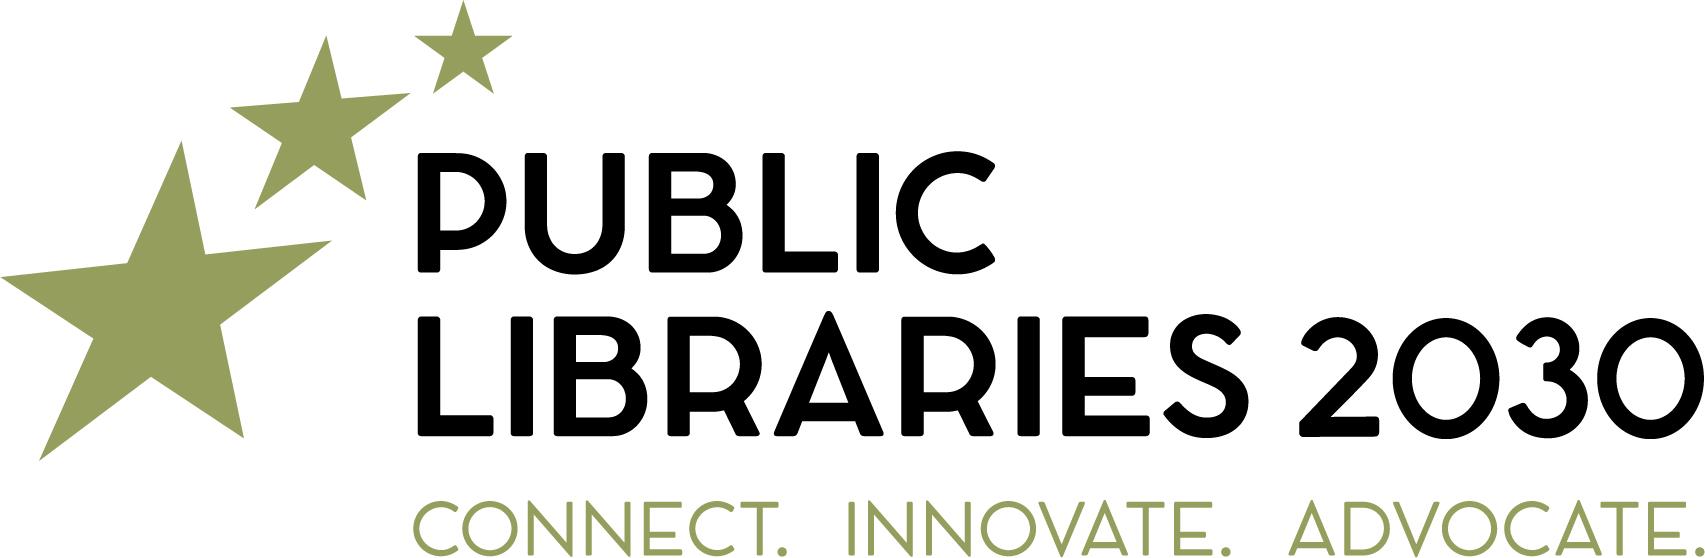 Public Libraries 2030